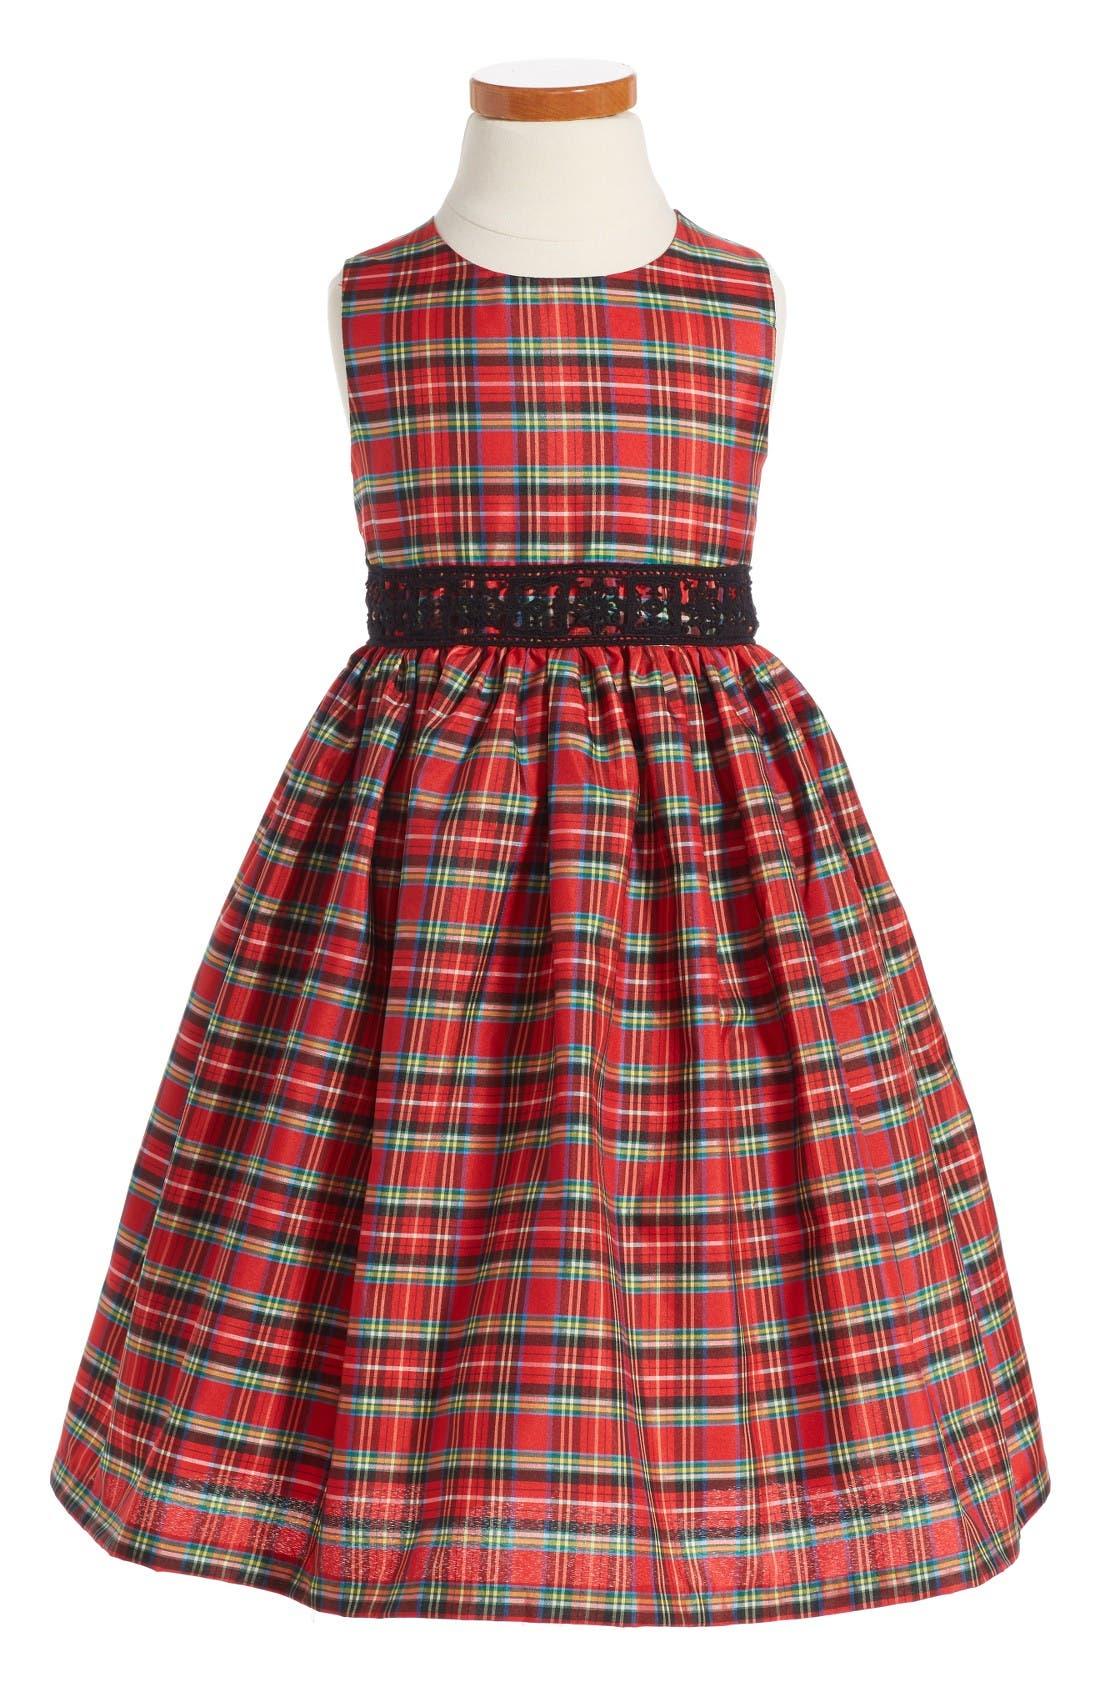 Alternate Image 2  - Pippa & Julie Plaid Dress & Velvet Jacket (Toddler Girls, Little Girls & Big Girls)